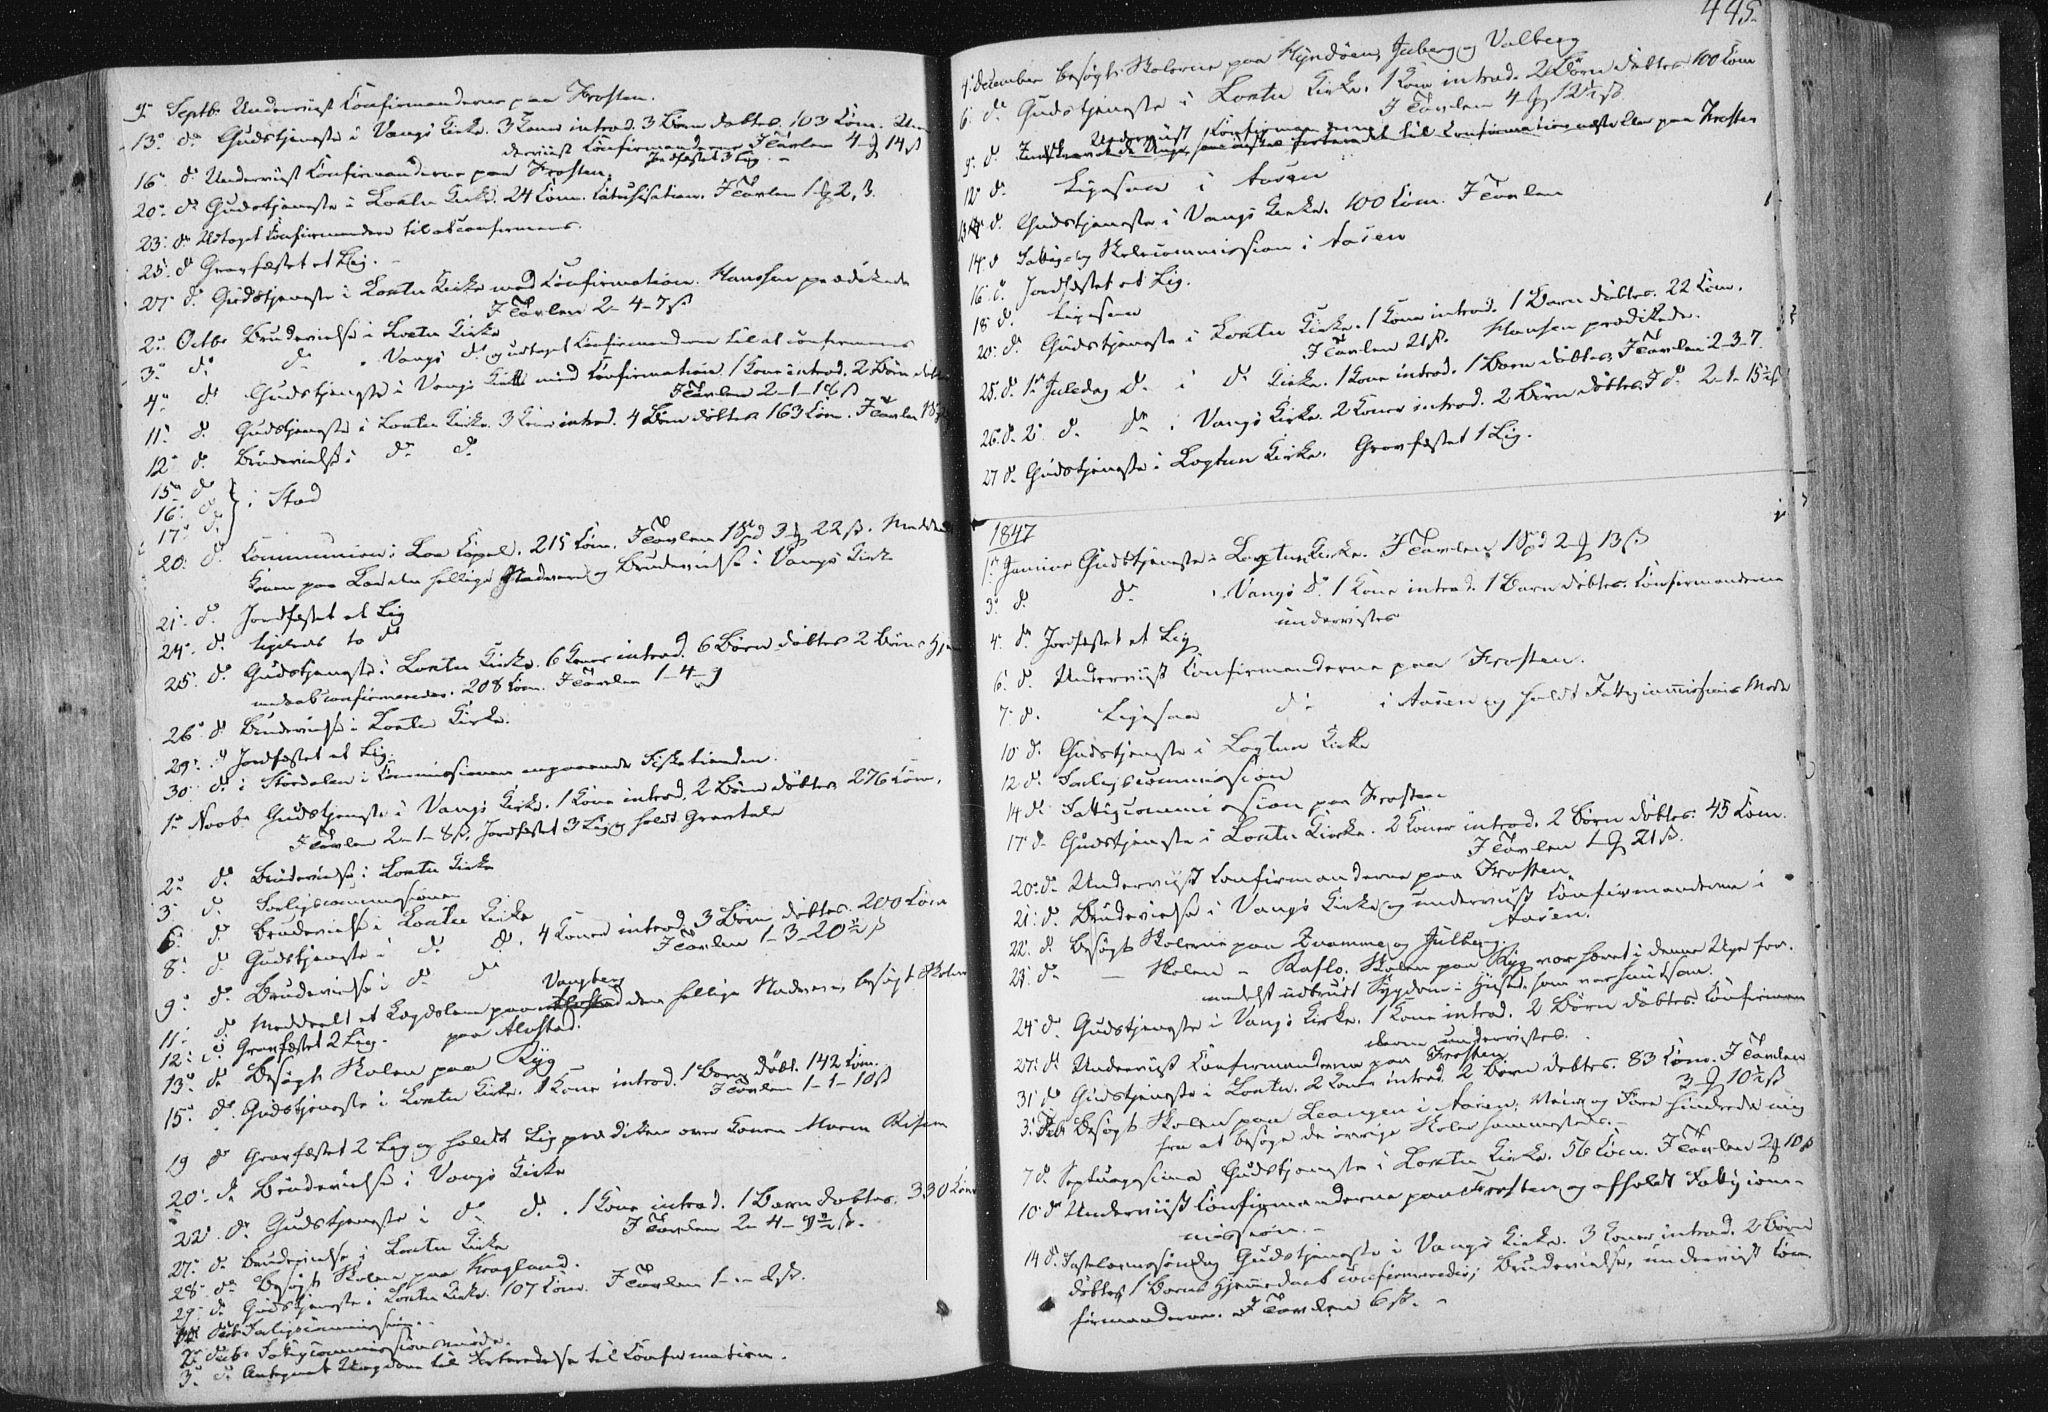 SAT, Ministerialprotokoller, klokkerbøker og fødselsregistre - Nord-Trøndelag, 713/L0115: Ministerialbok nr. 713A06, 1838-1851, s. 445